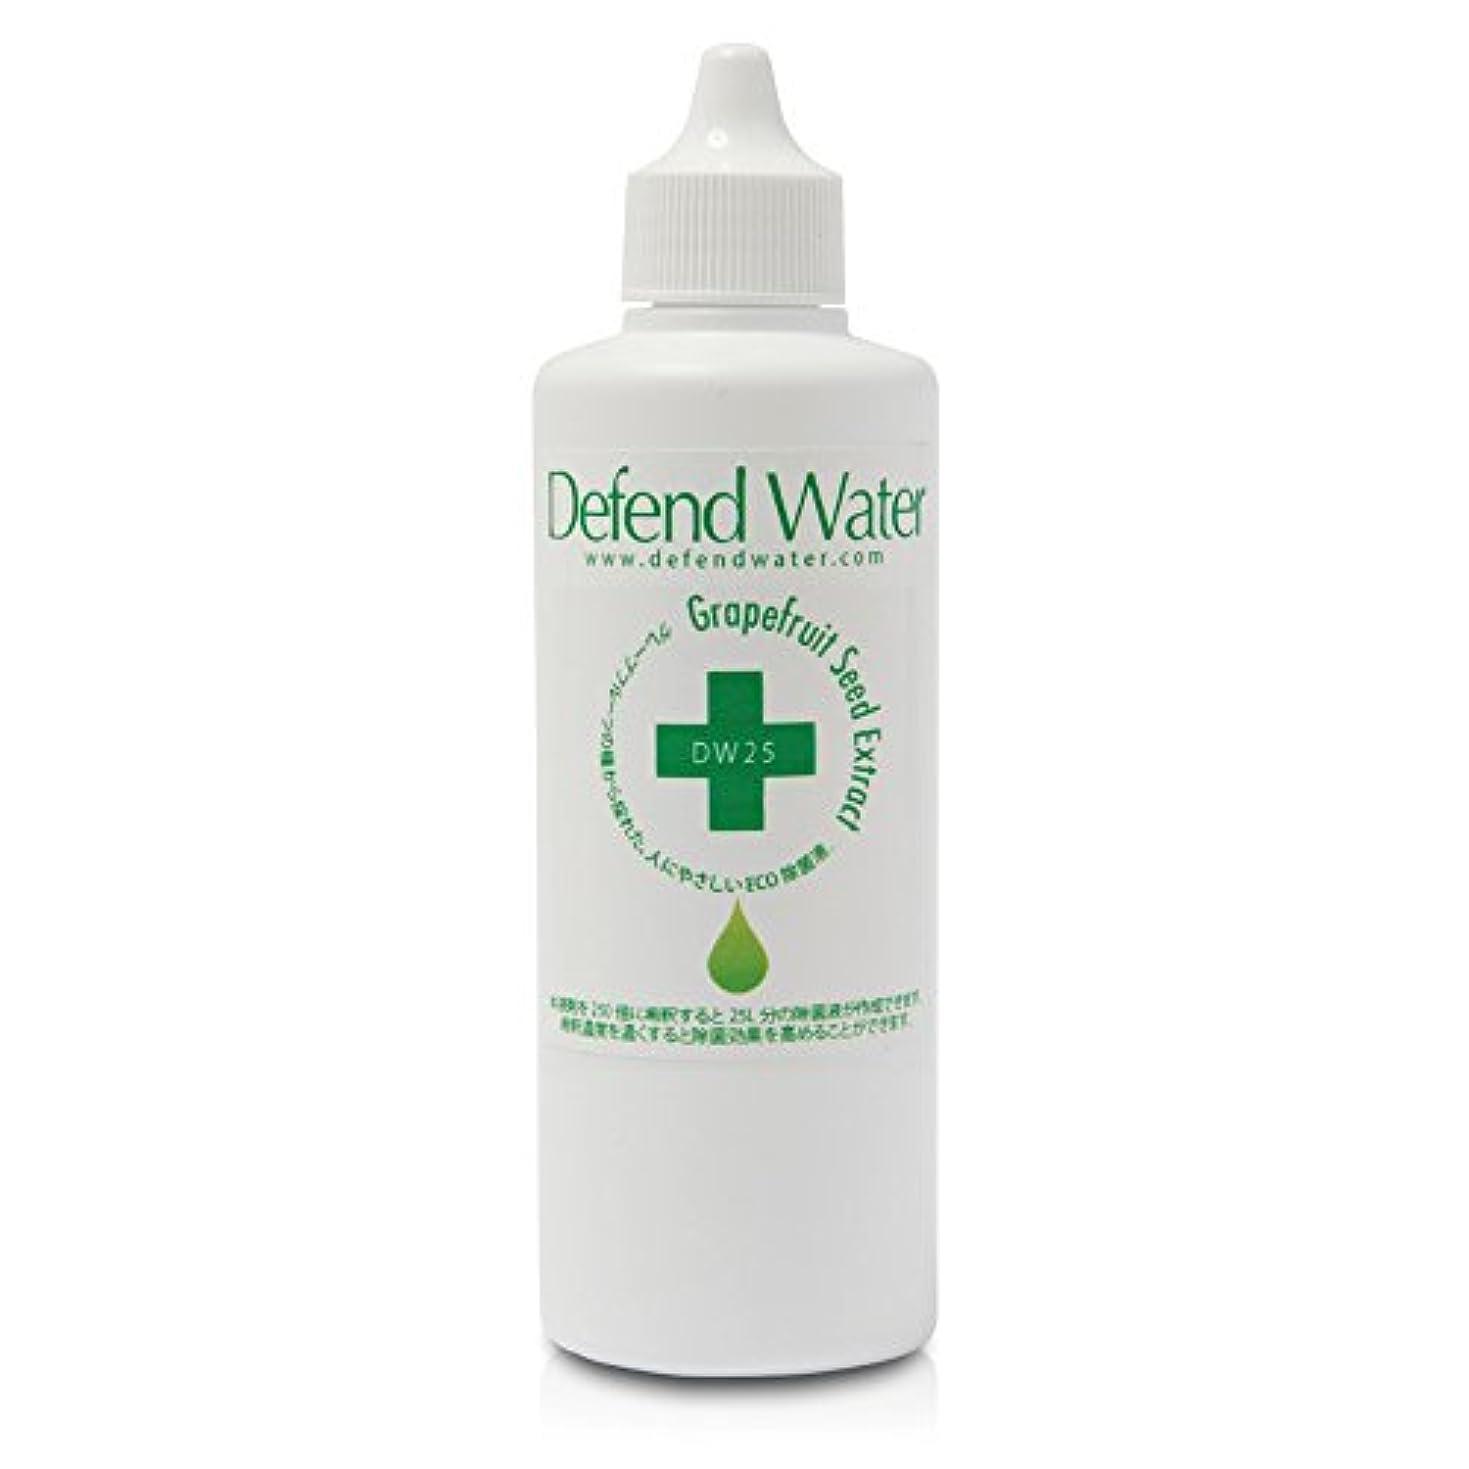 わかりやすいマイクロバッチアロマオイルと一緒に使う空間除菌液、天然エコ除菌液「ディフェンドウォーター」DW25